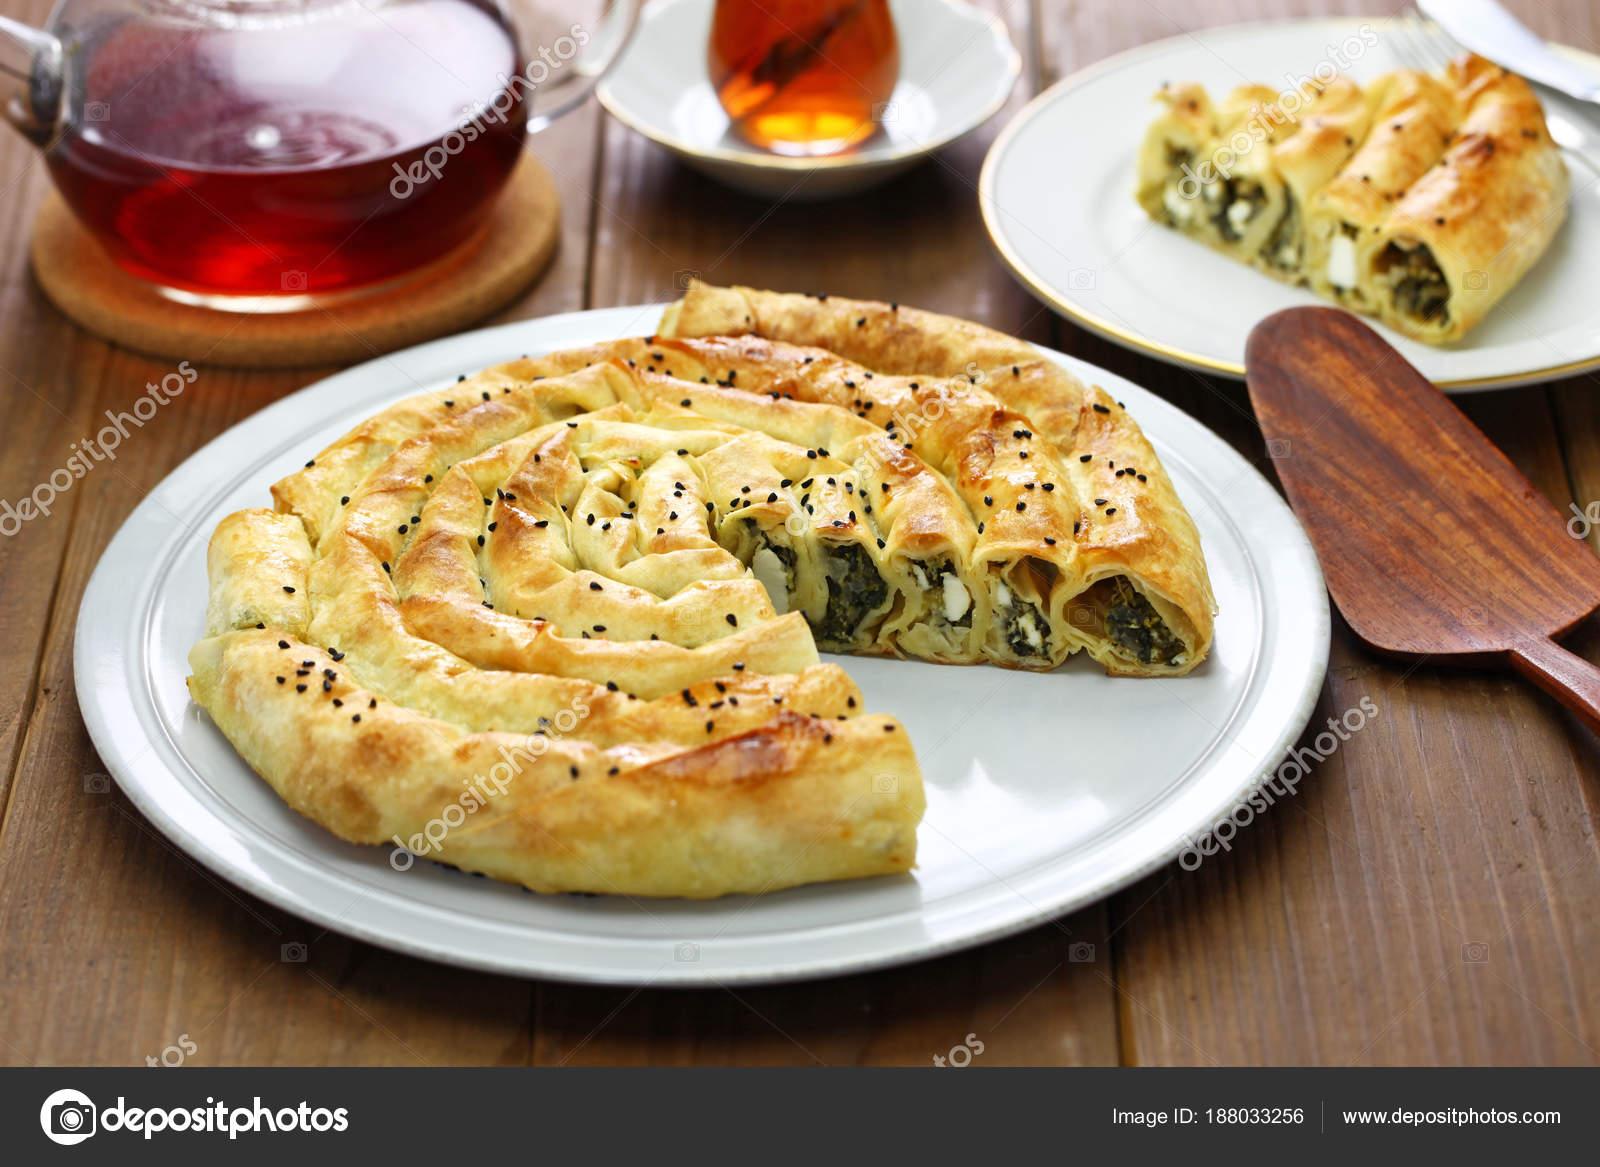 Maison Lamines Borek Epinards Feta Fromage Cuisine Turque